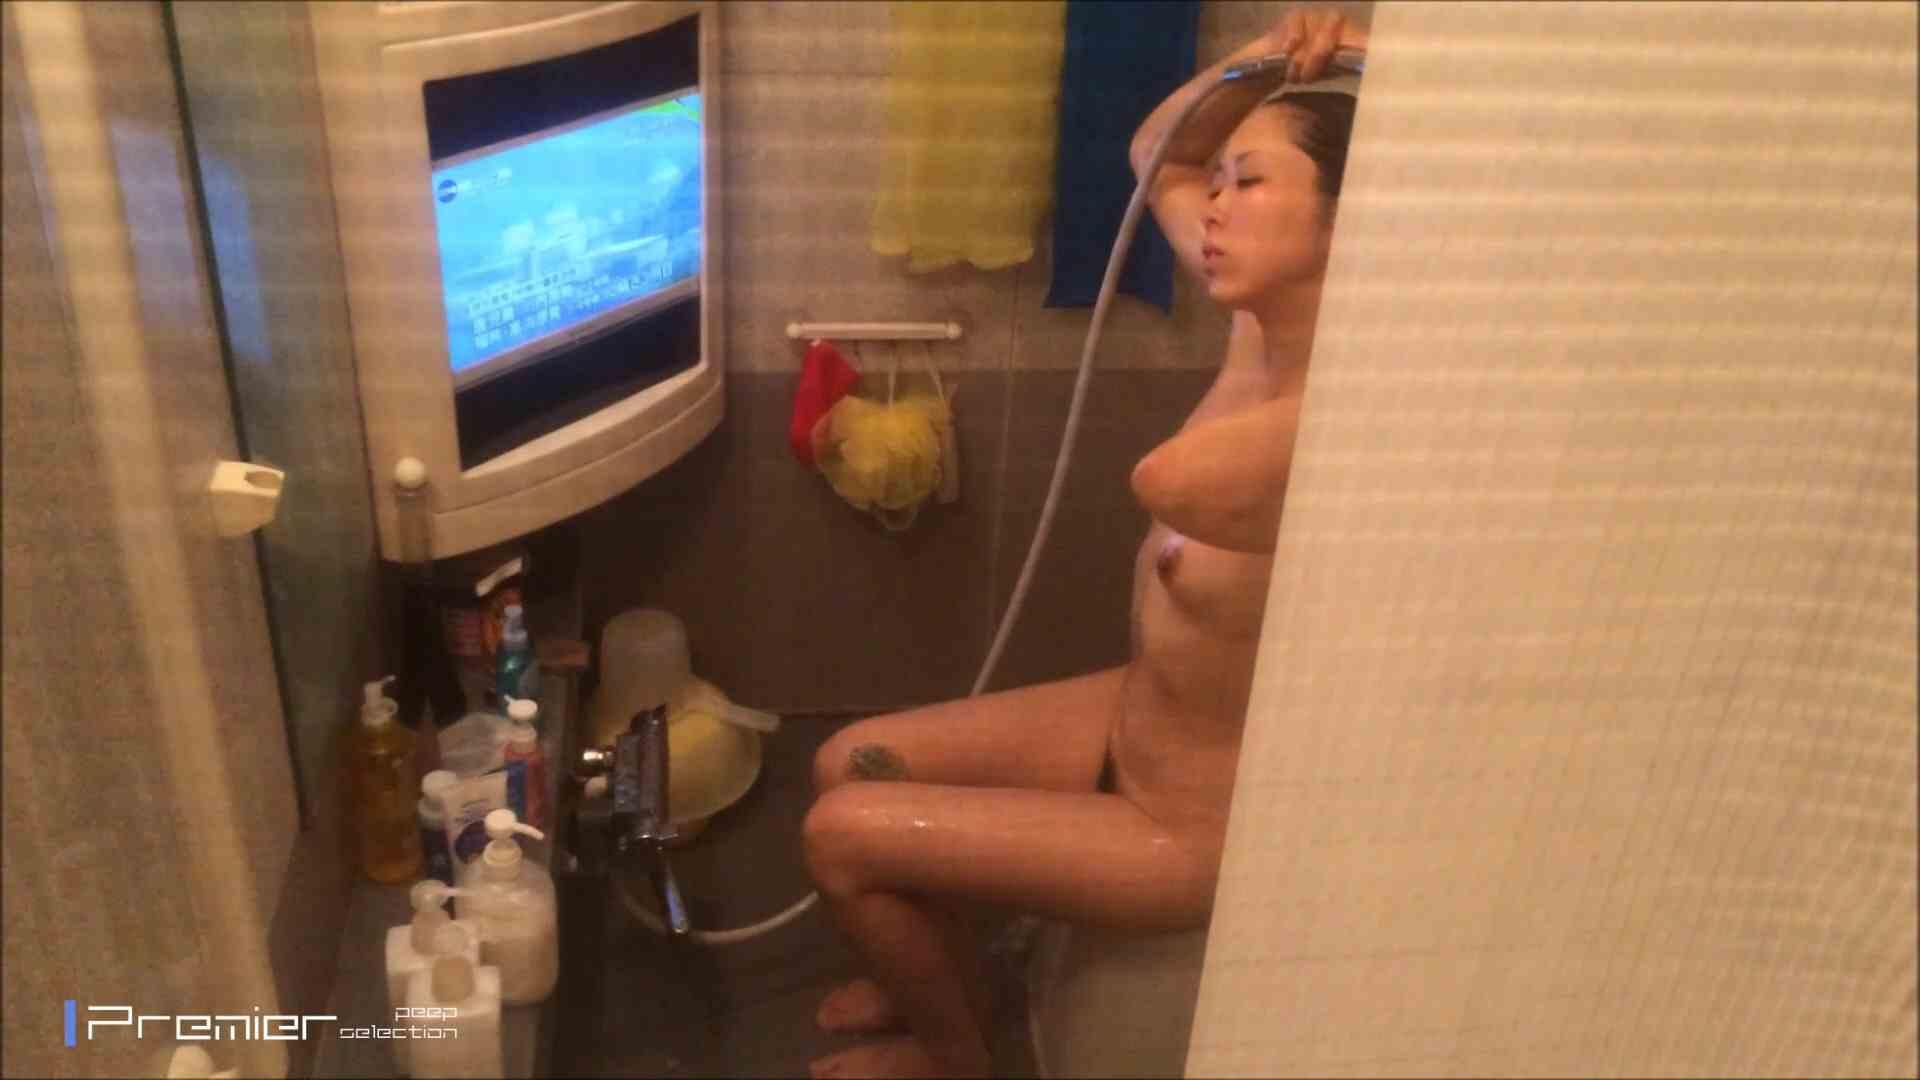 美女のテレビを見ながらの入浴 乙女の風呂場 Vol.21 美女 AV無料 85枚 39